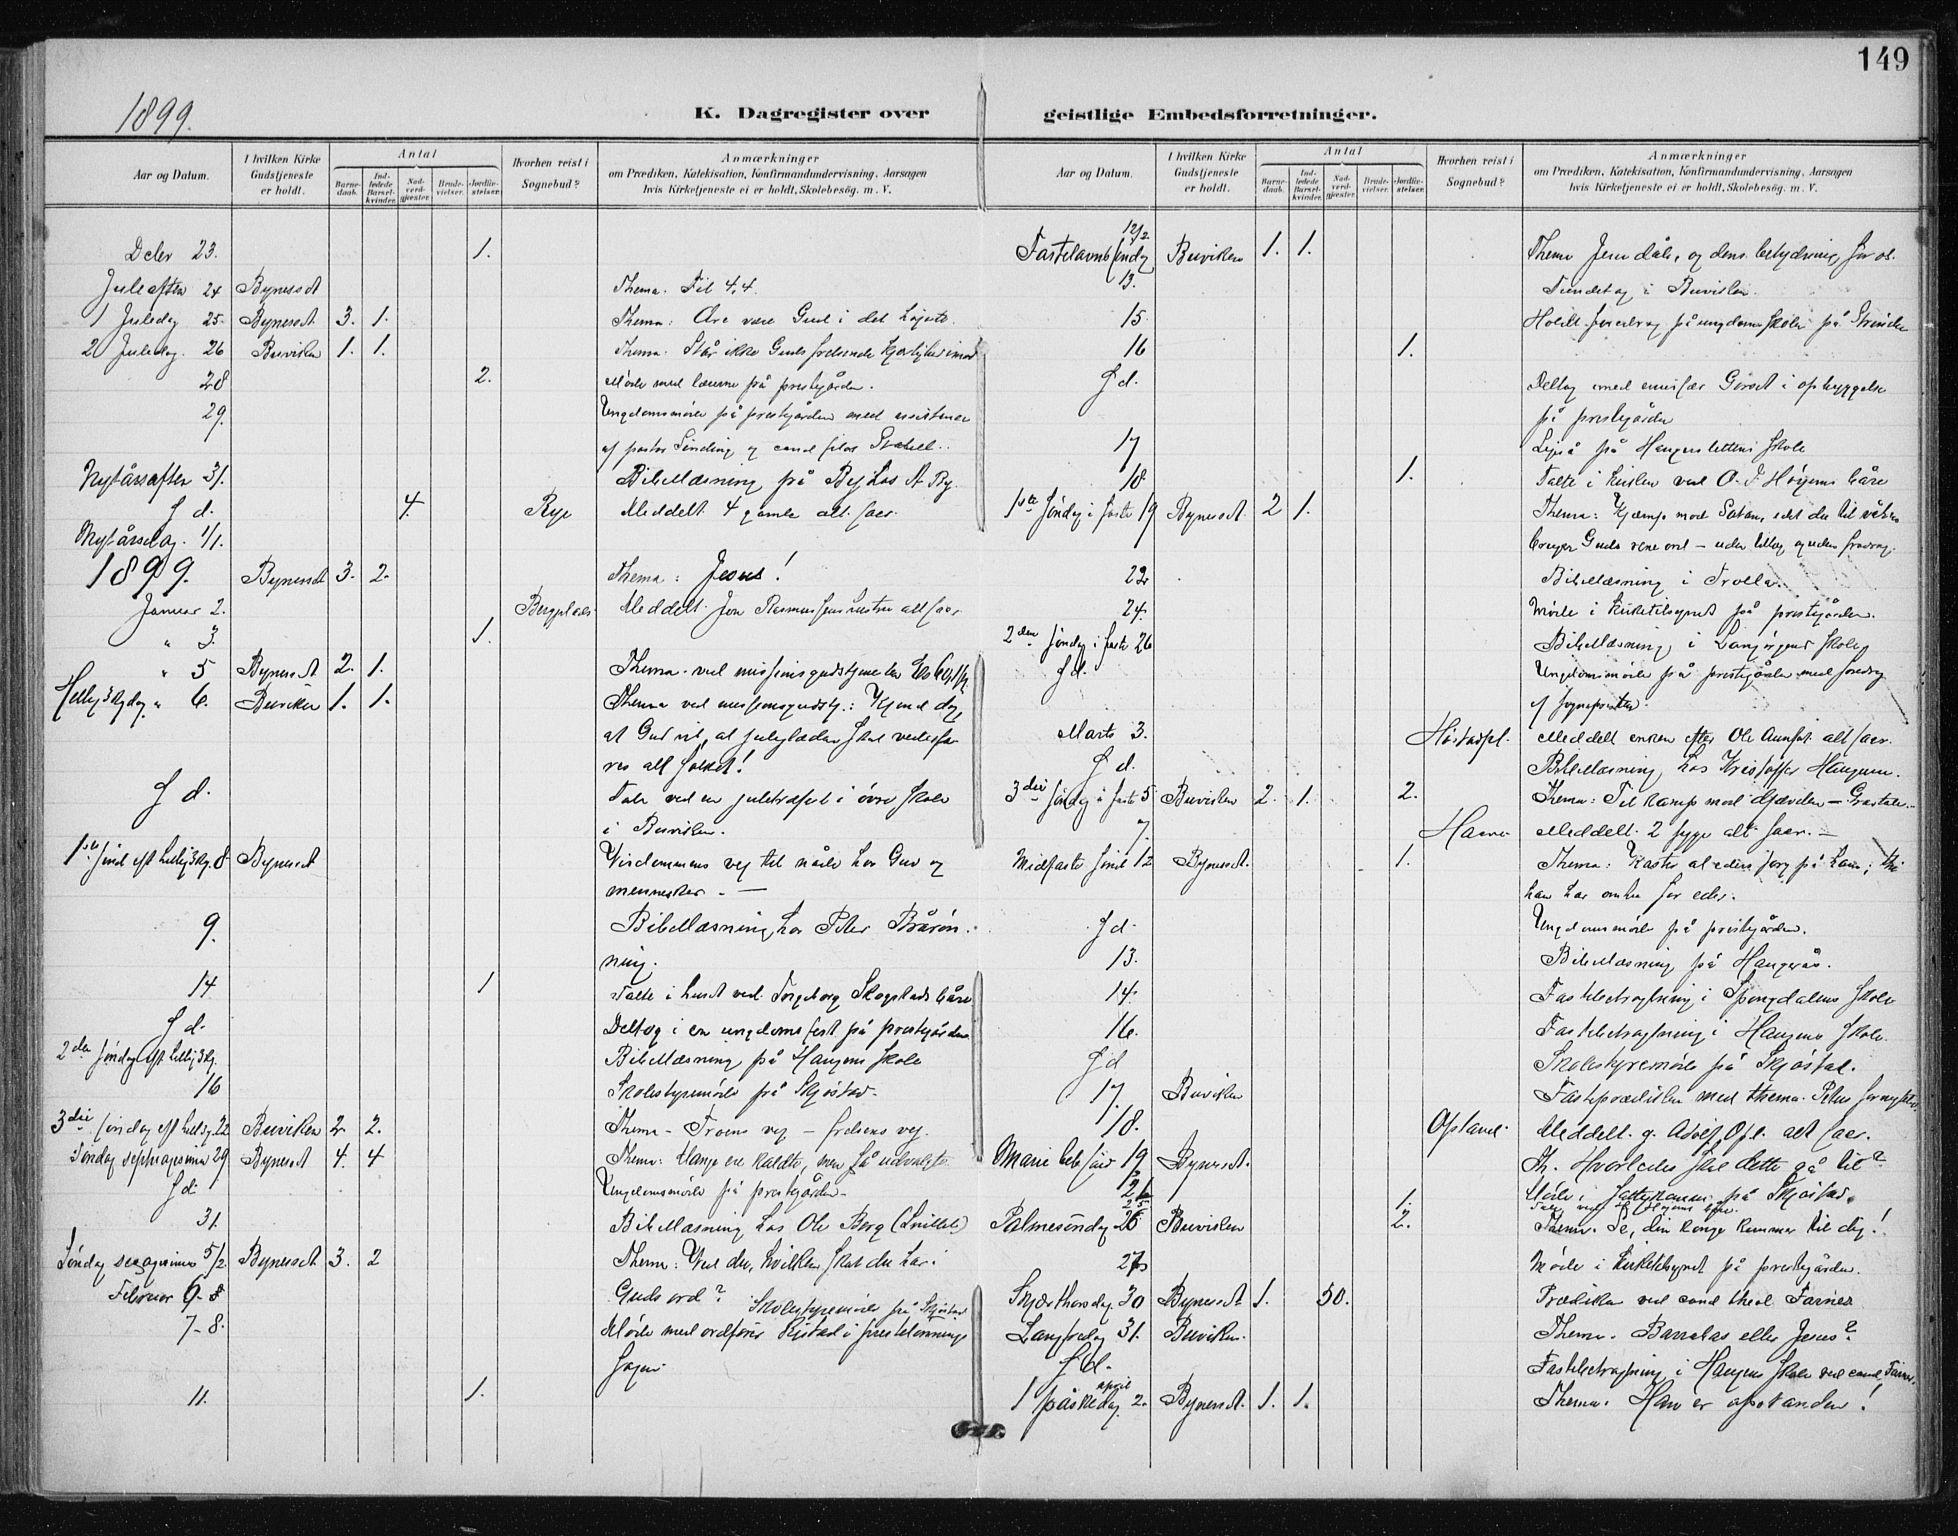 SAT, Ministerialprotokoller, klokkerbøker og fødselsregistre - Sør-Trøndelag, 612/L0380: Ministerialbok nr. 612A12, 1898-1907, s. 149